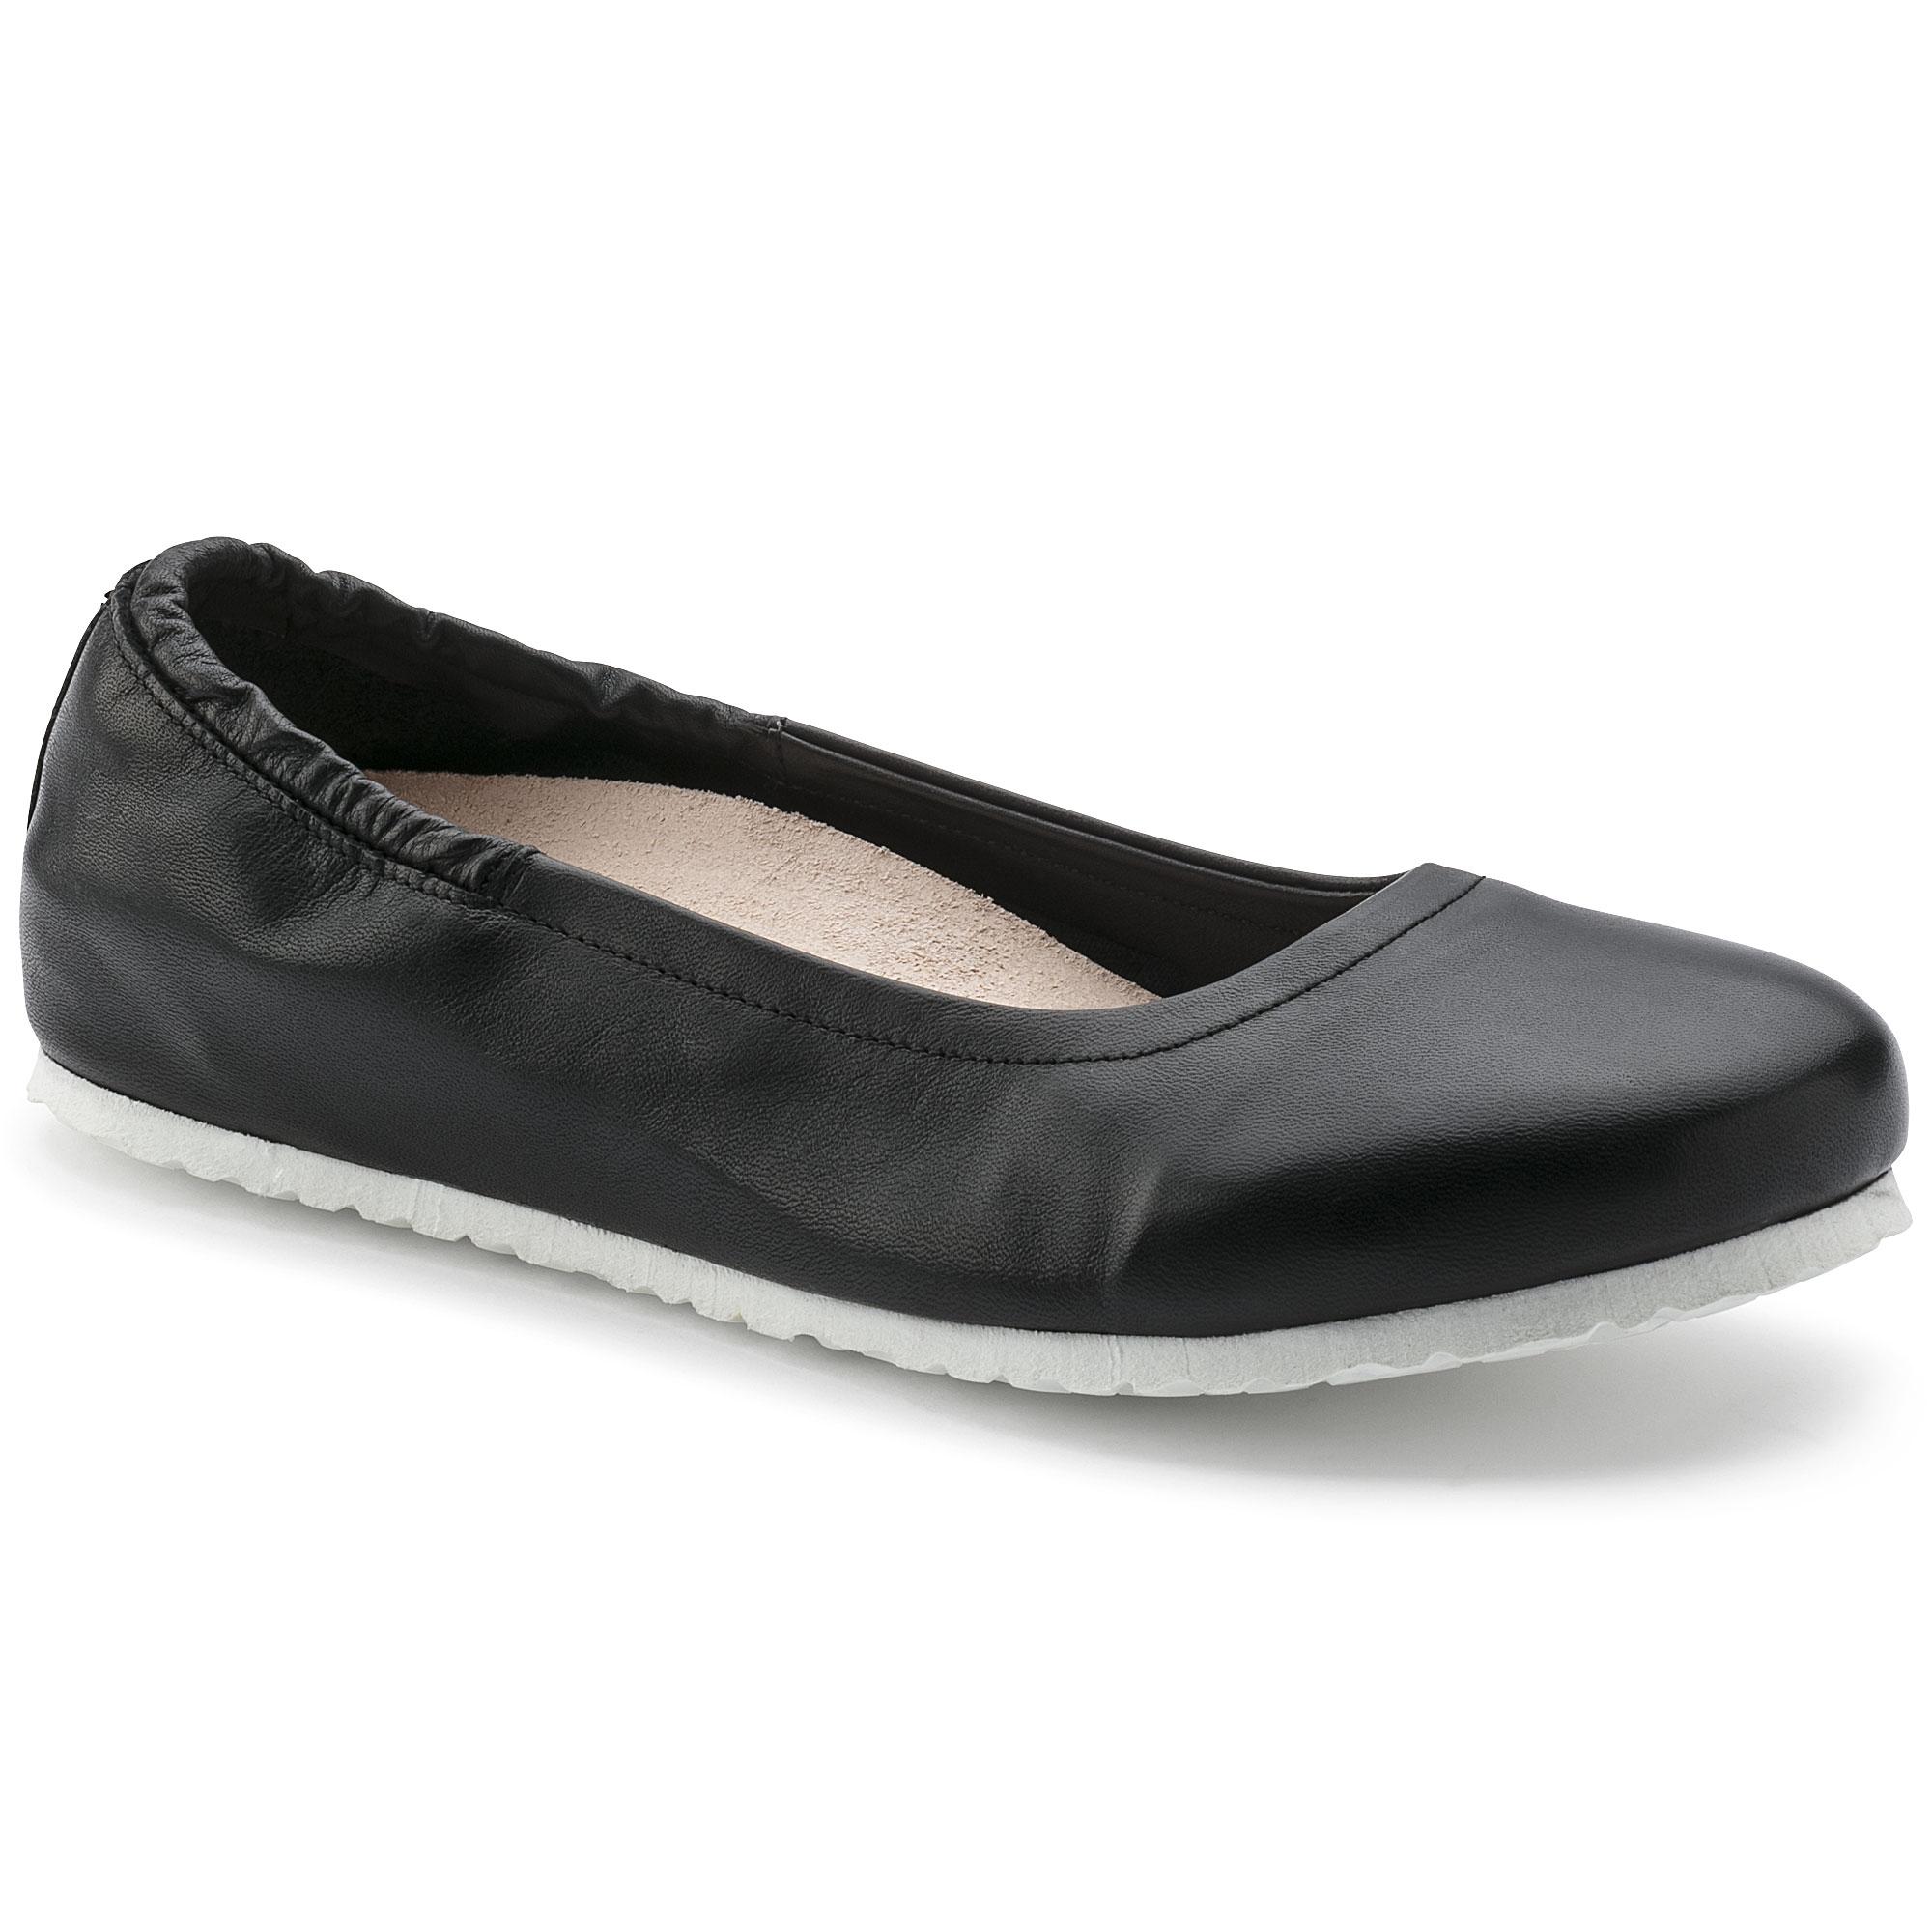 Celina Natural Leather Black